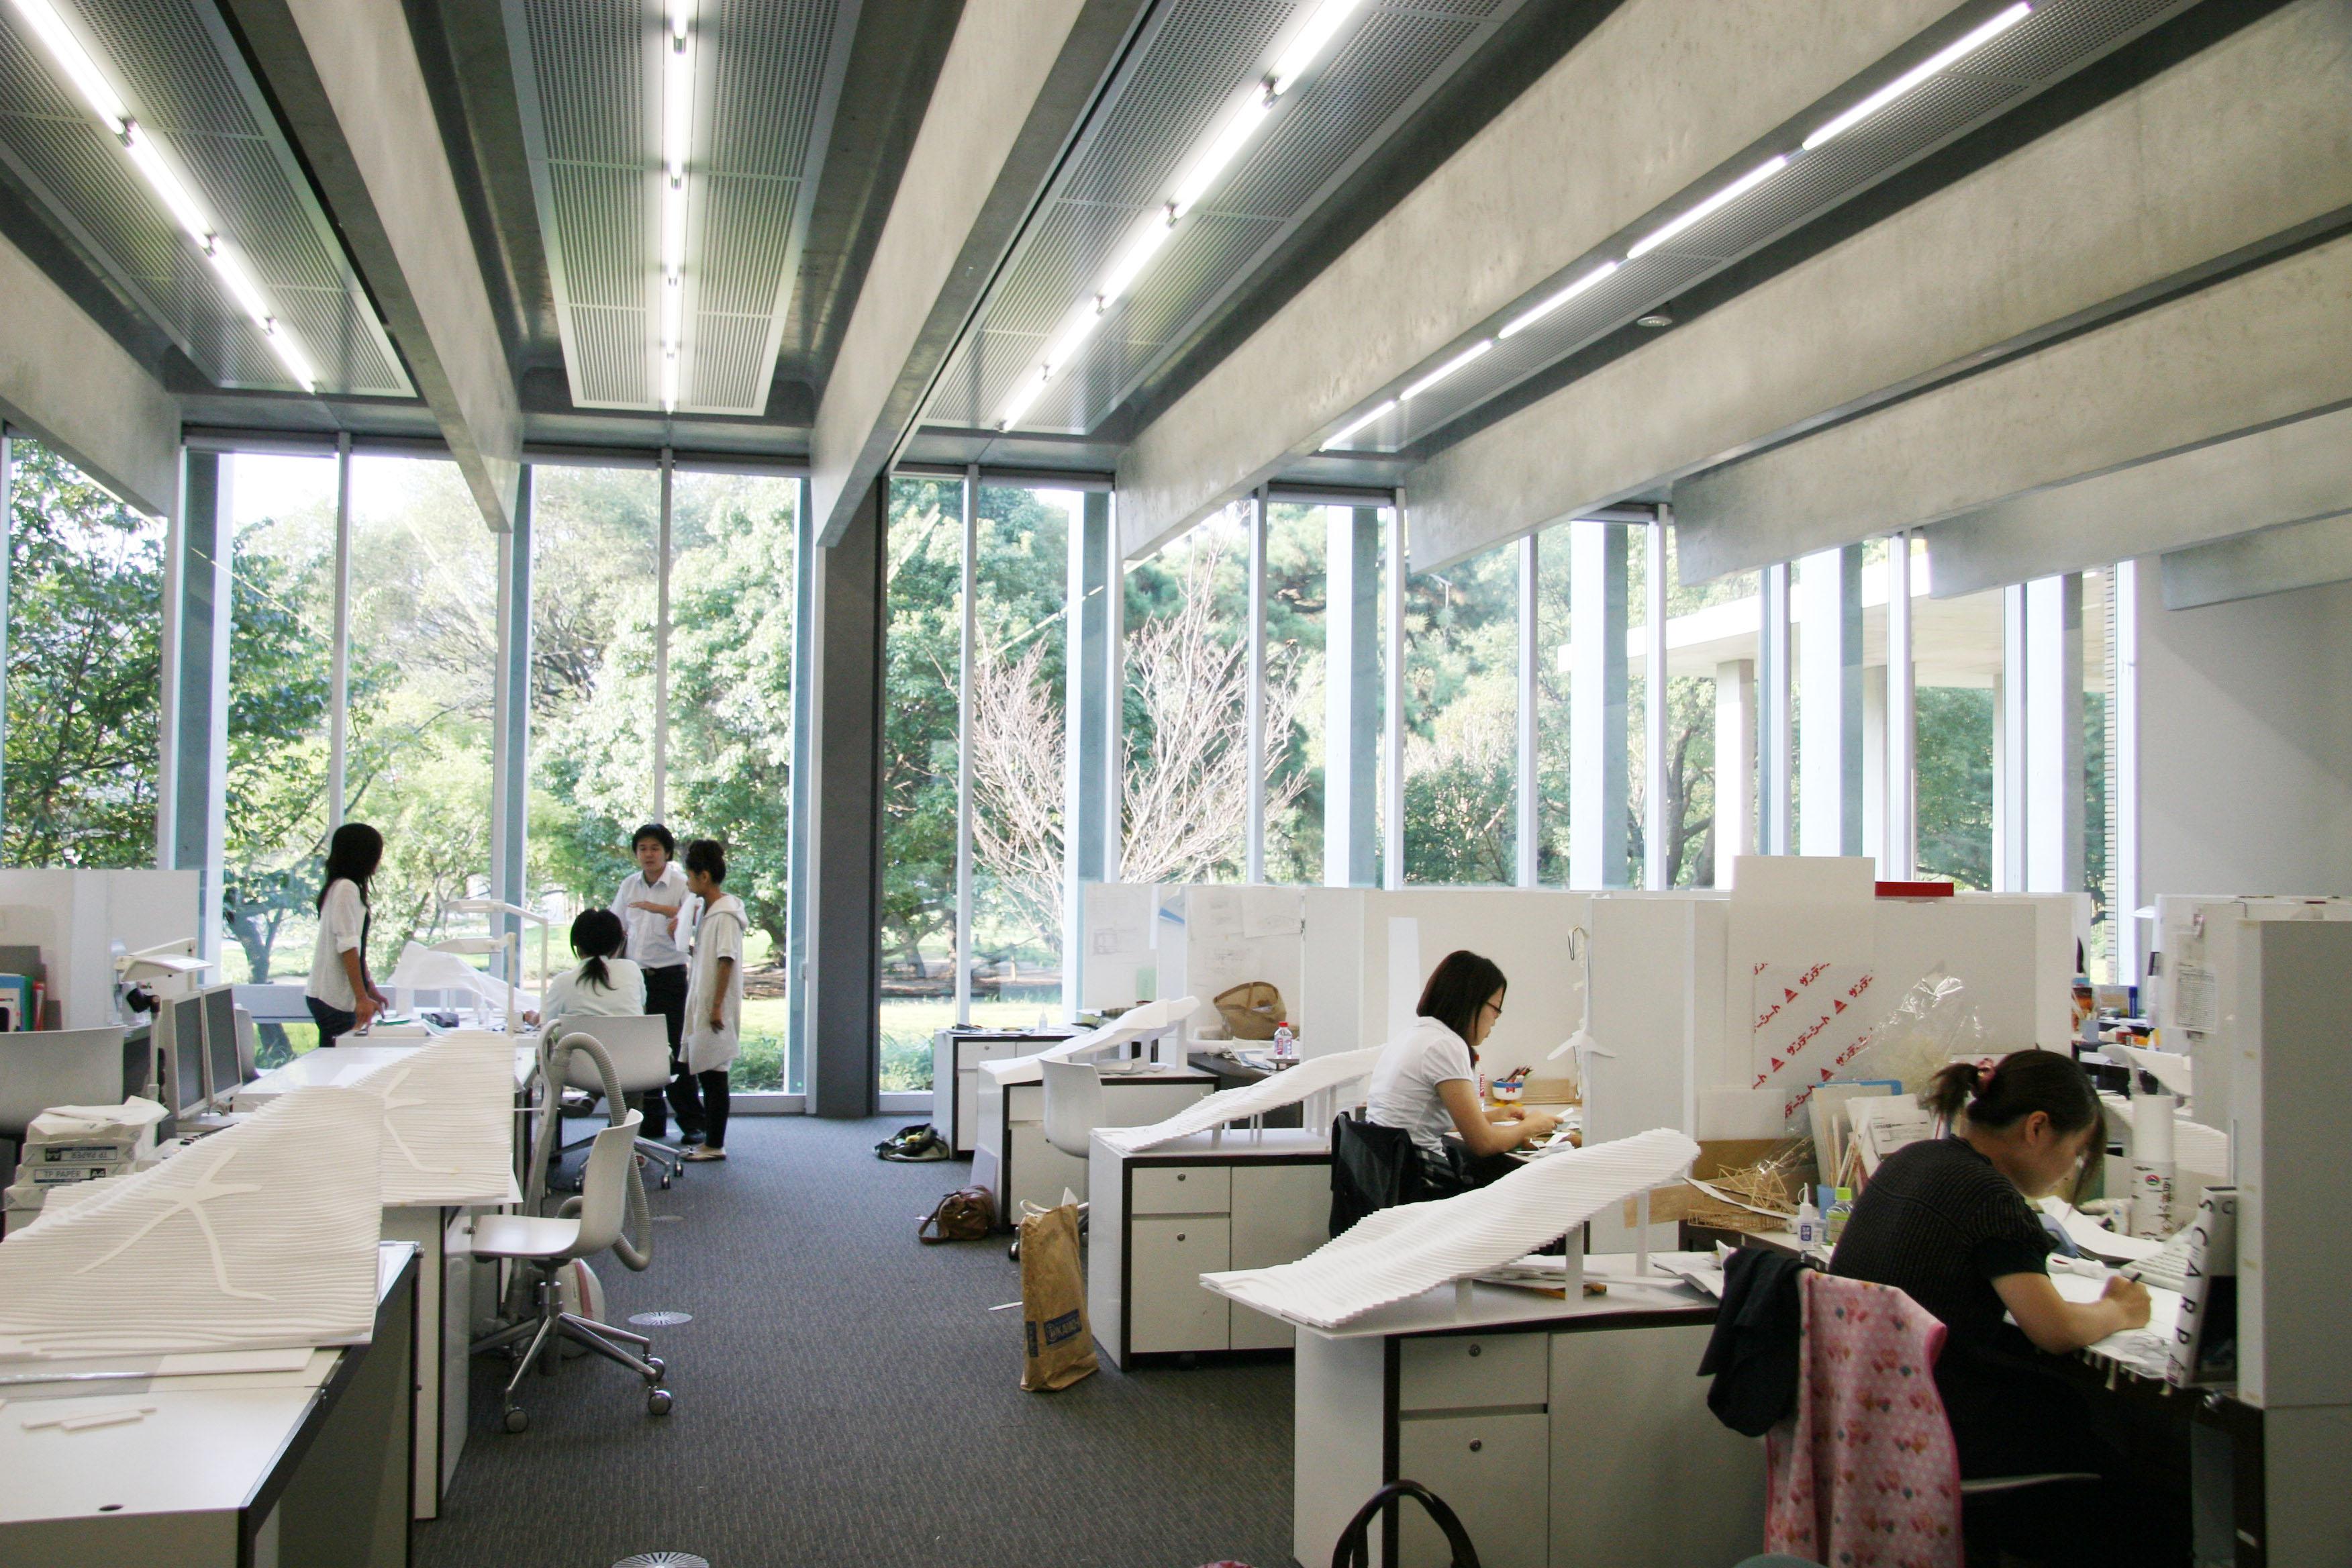 武庫川女子大学 建築学科・大学院建築学専攻 建築スタジオ